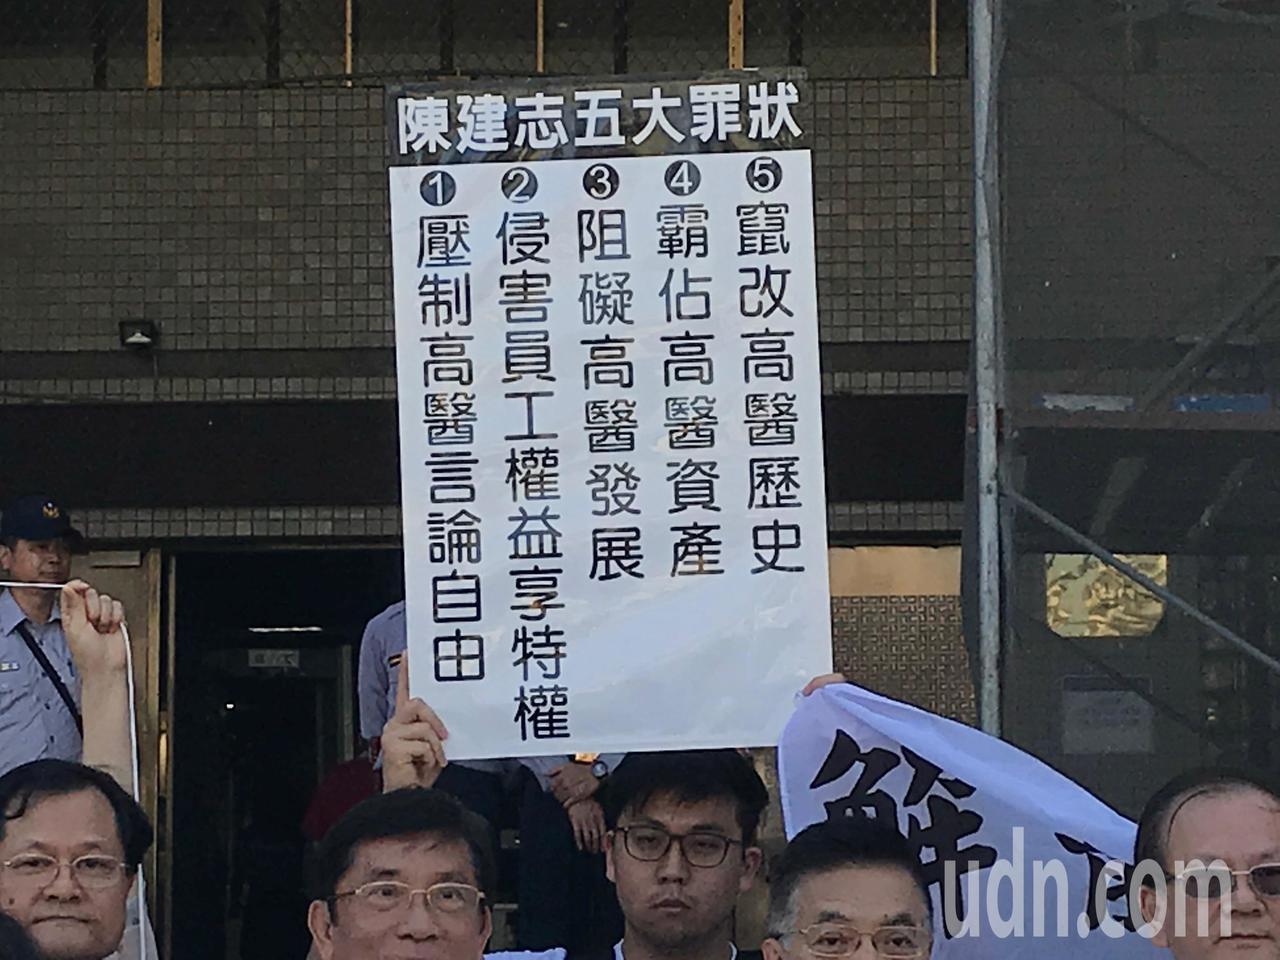 高醫校友及學生舉牌抗議董事會。記者林伯驊/攝影